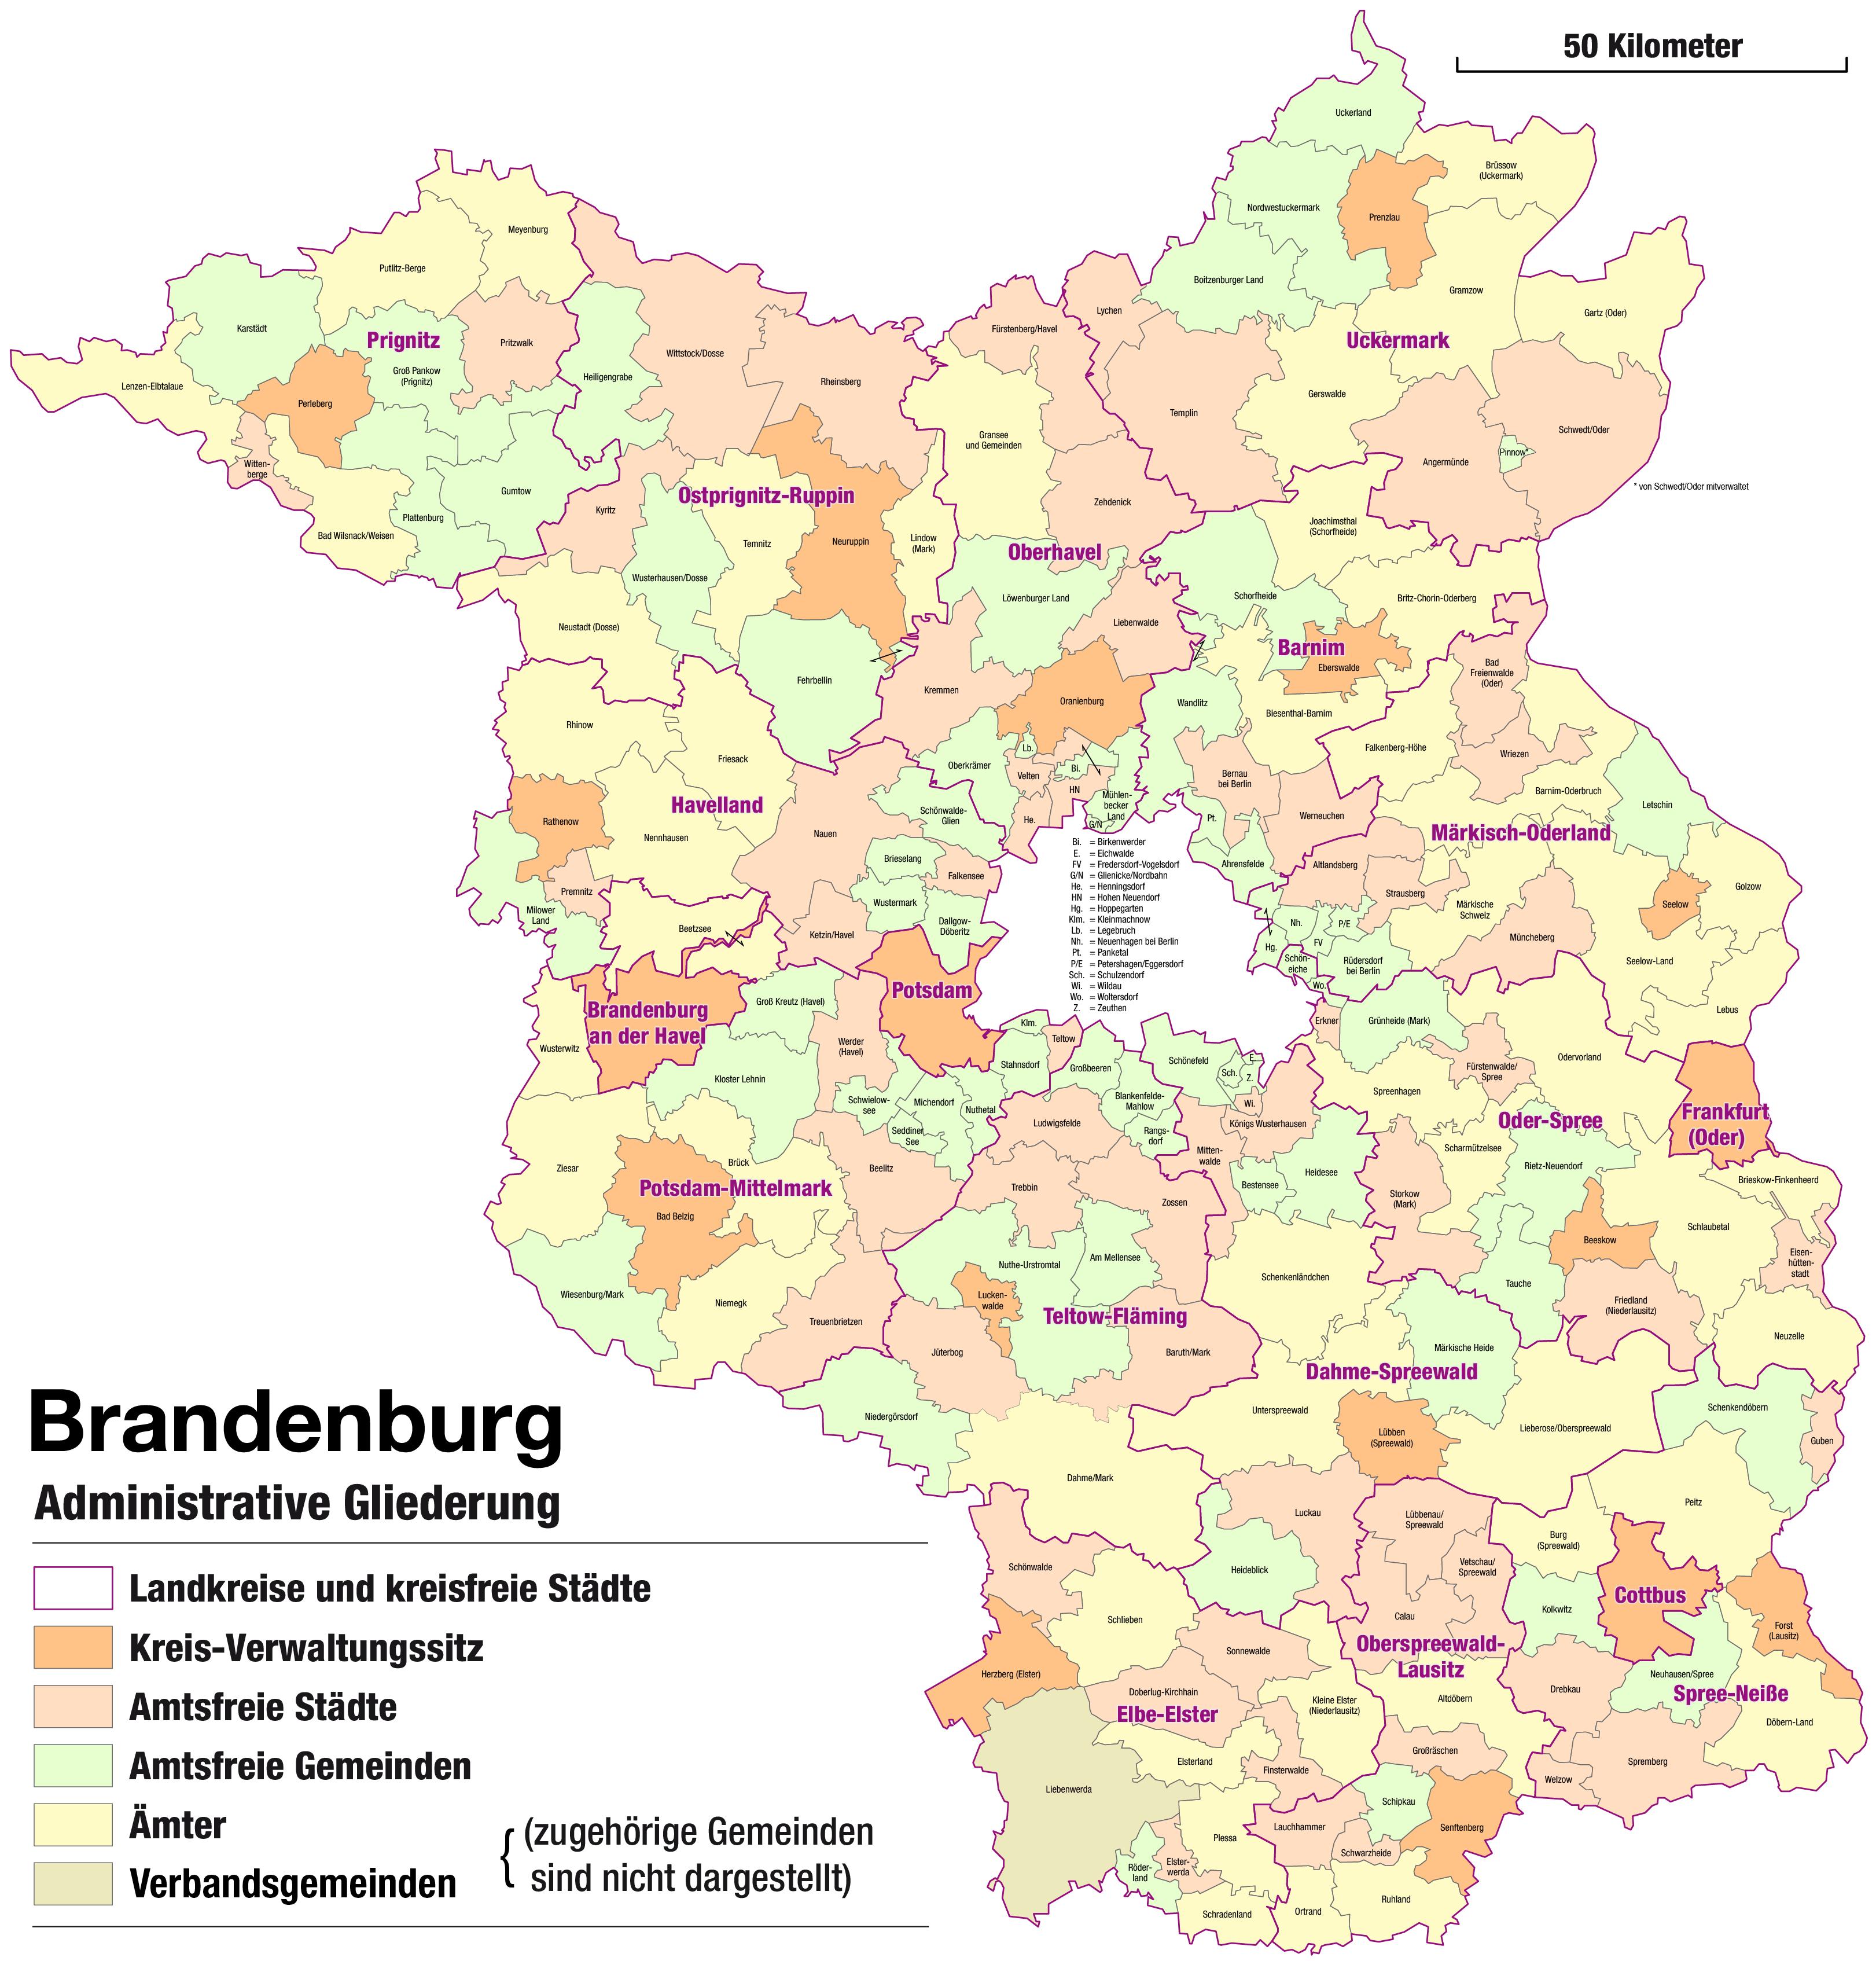 Brandenburg Bundesland